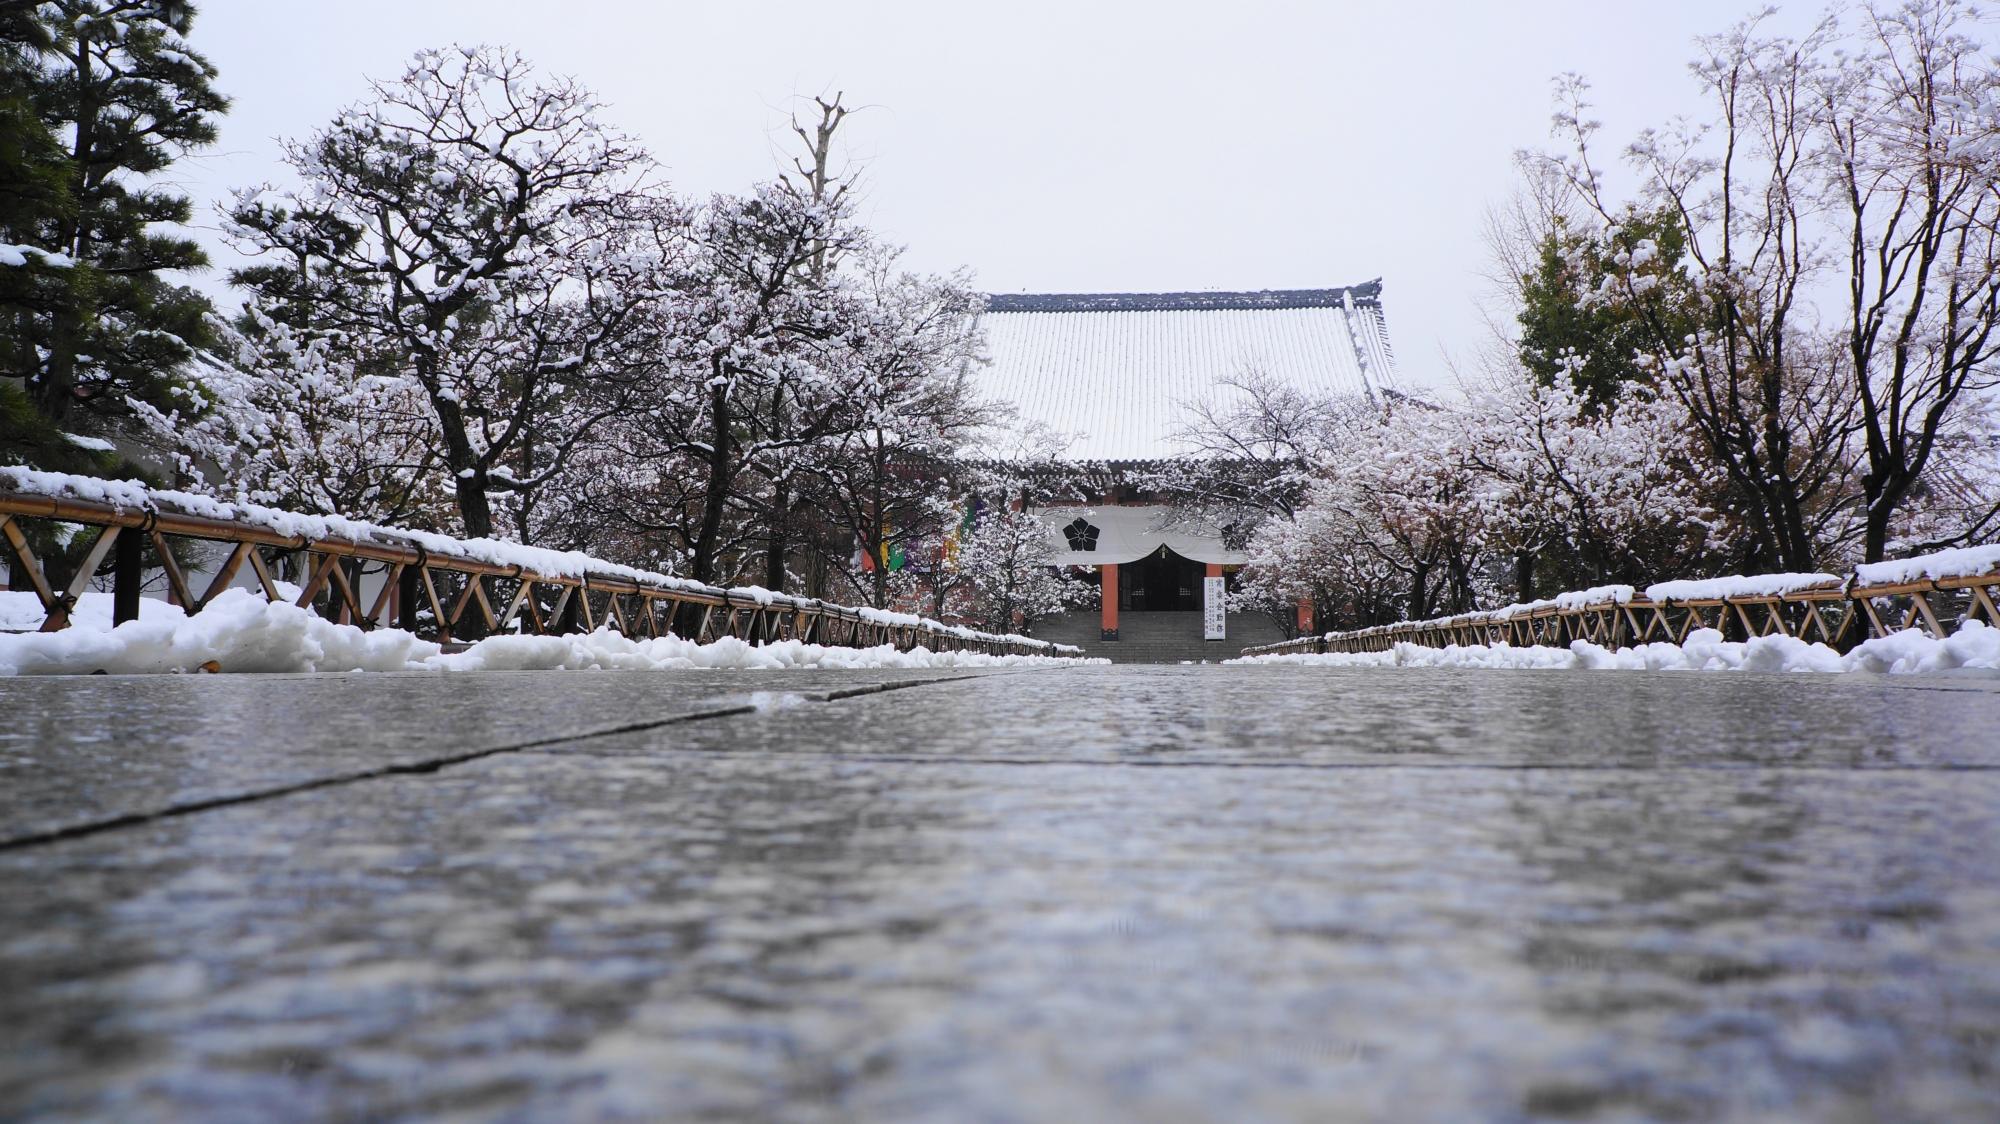 濡れた石畳の参道と銀世界に佇む雪の金堂